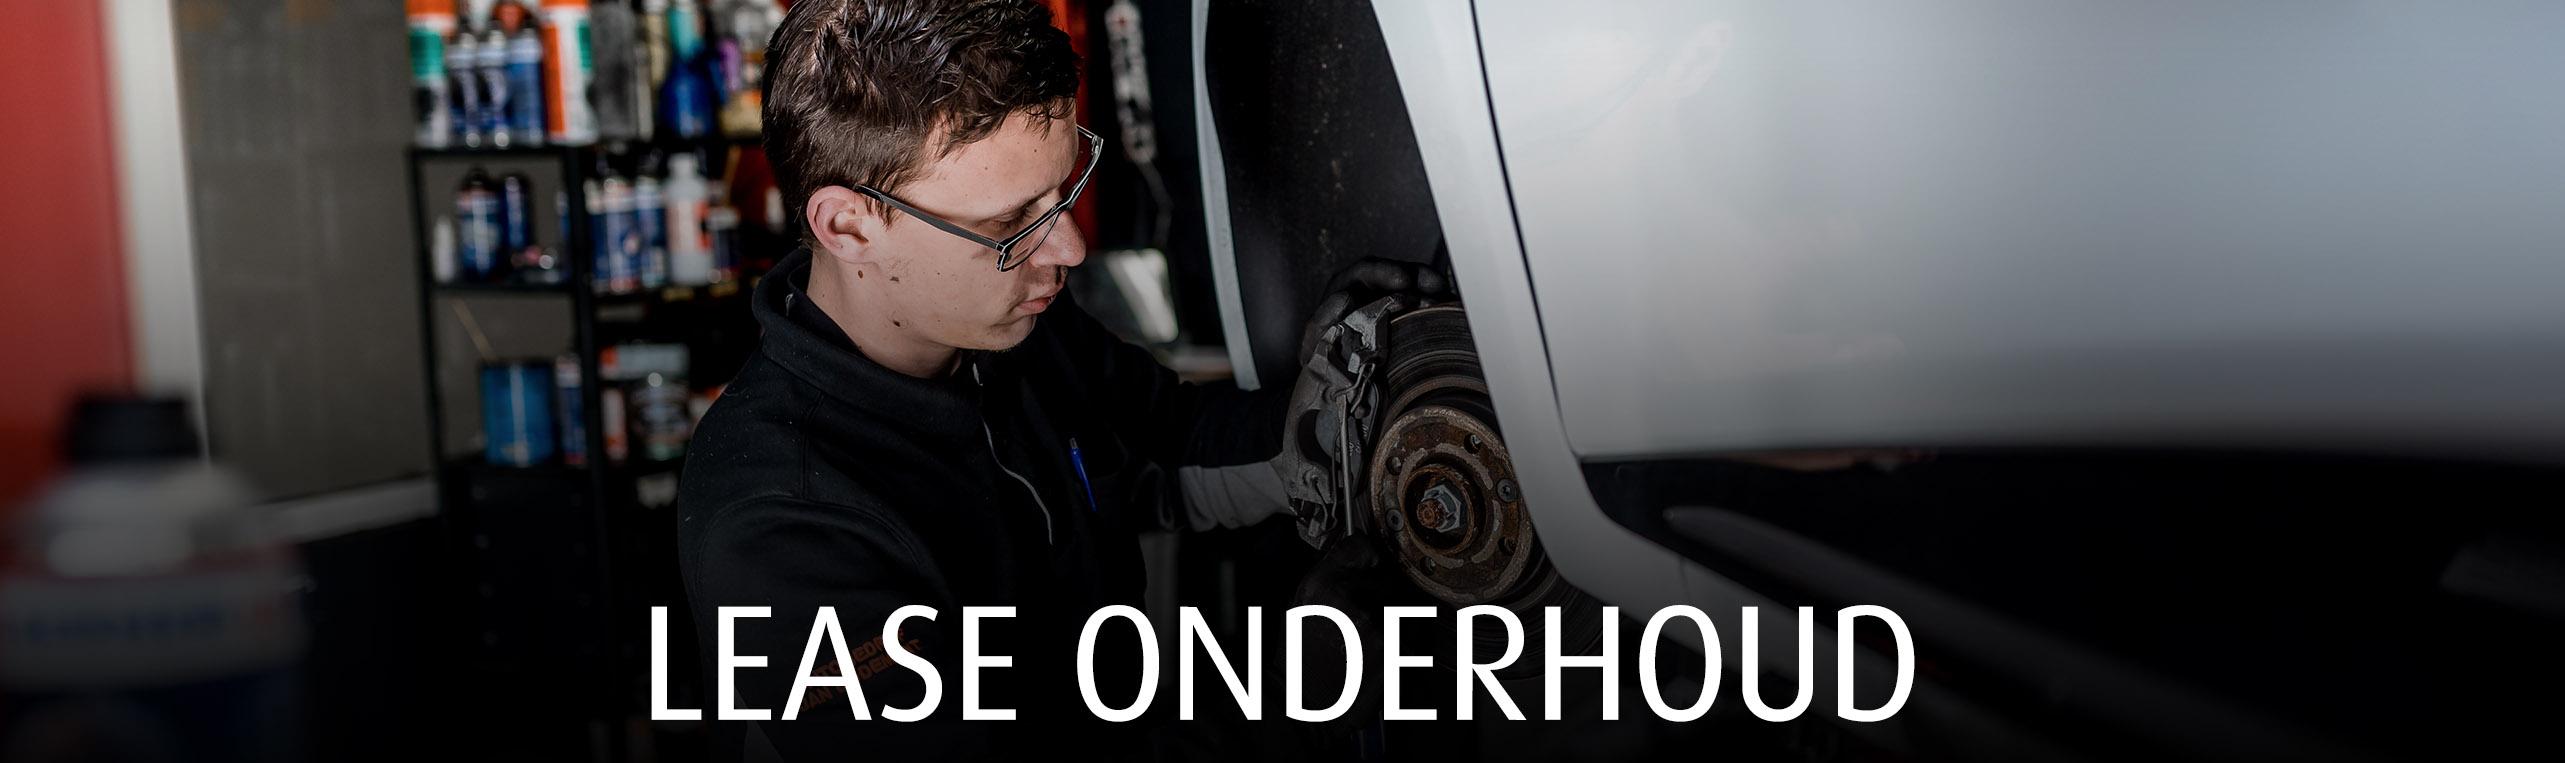 Lease onderhoud autobedrijf Jan Dodemont garage in Eijsden